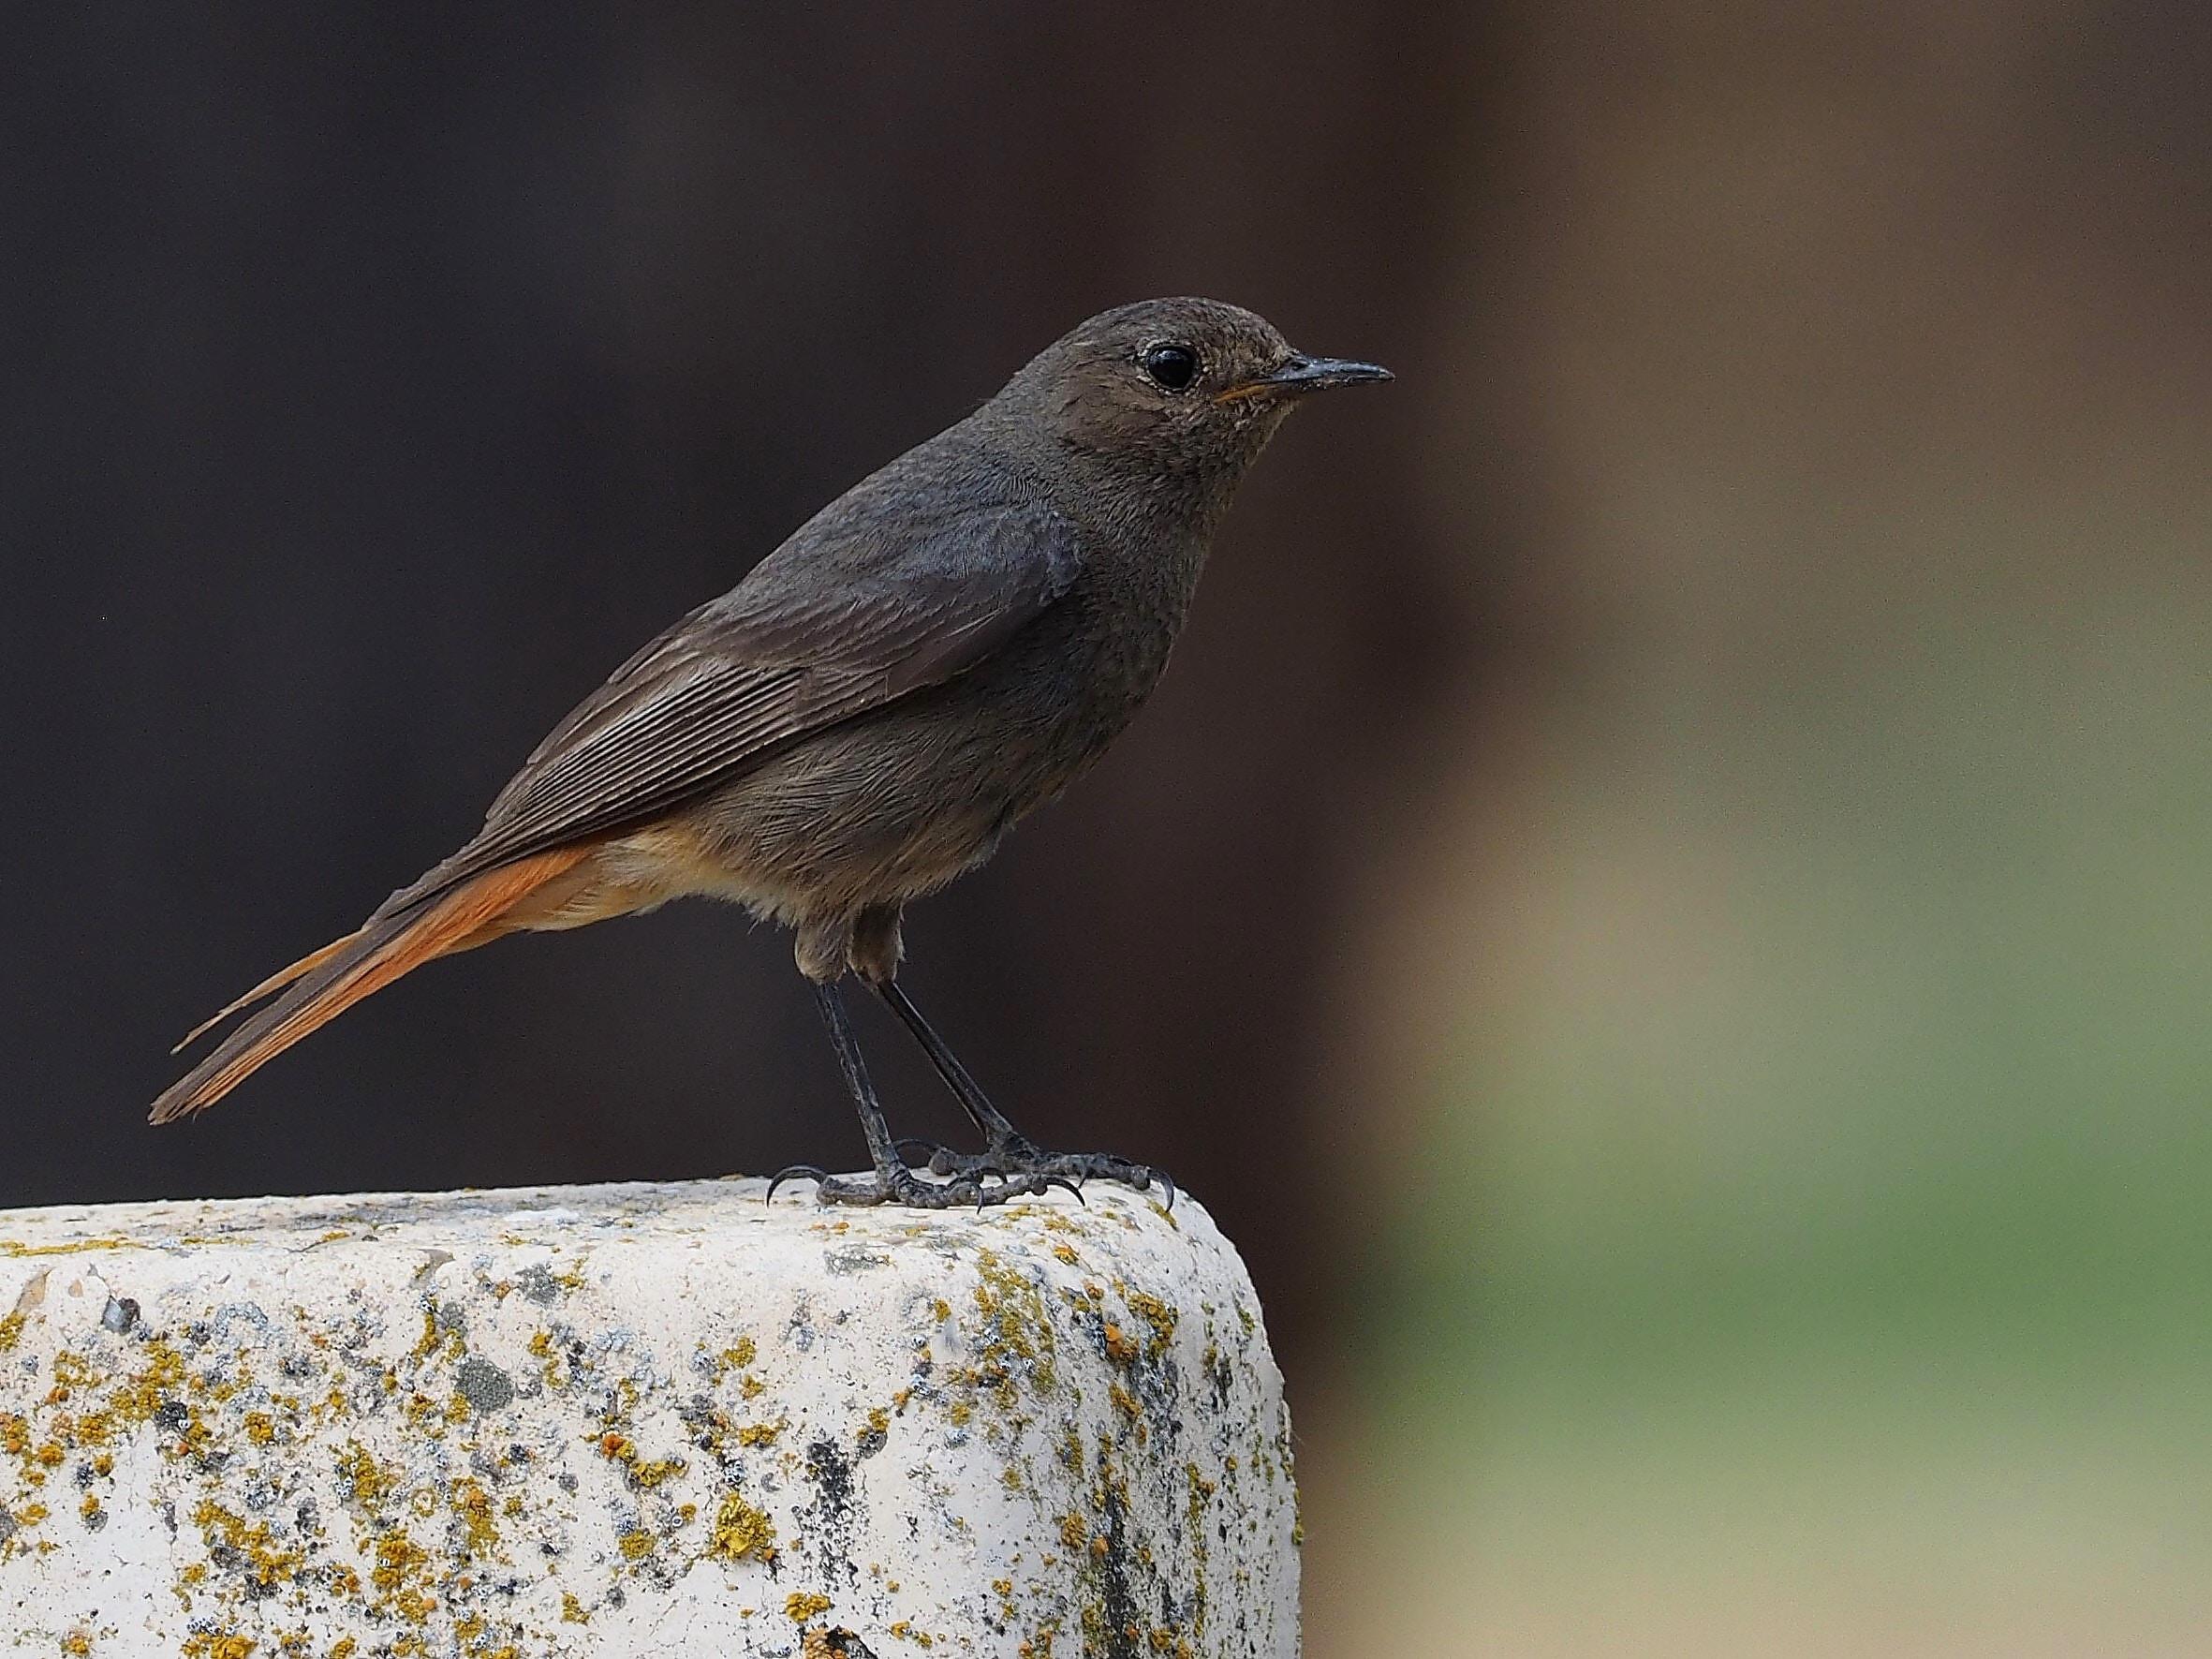 Dark brown bird on edge of a white corner